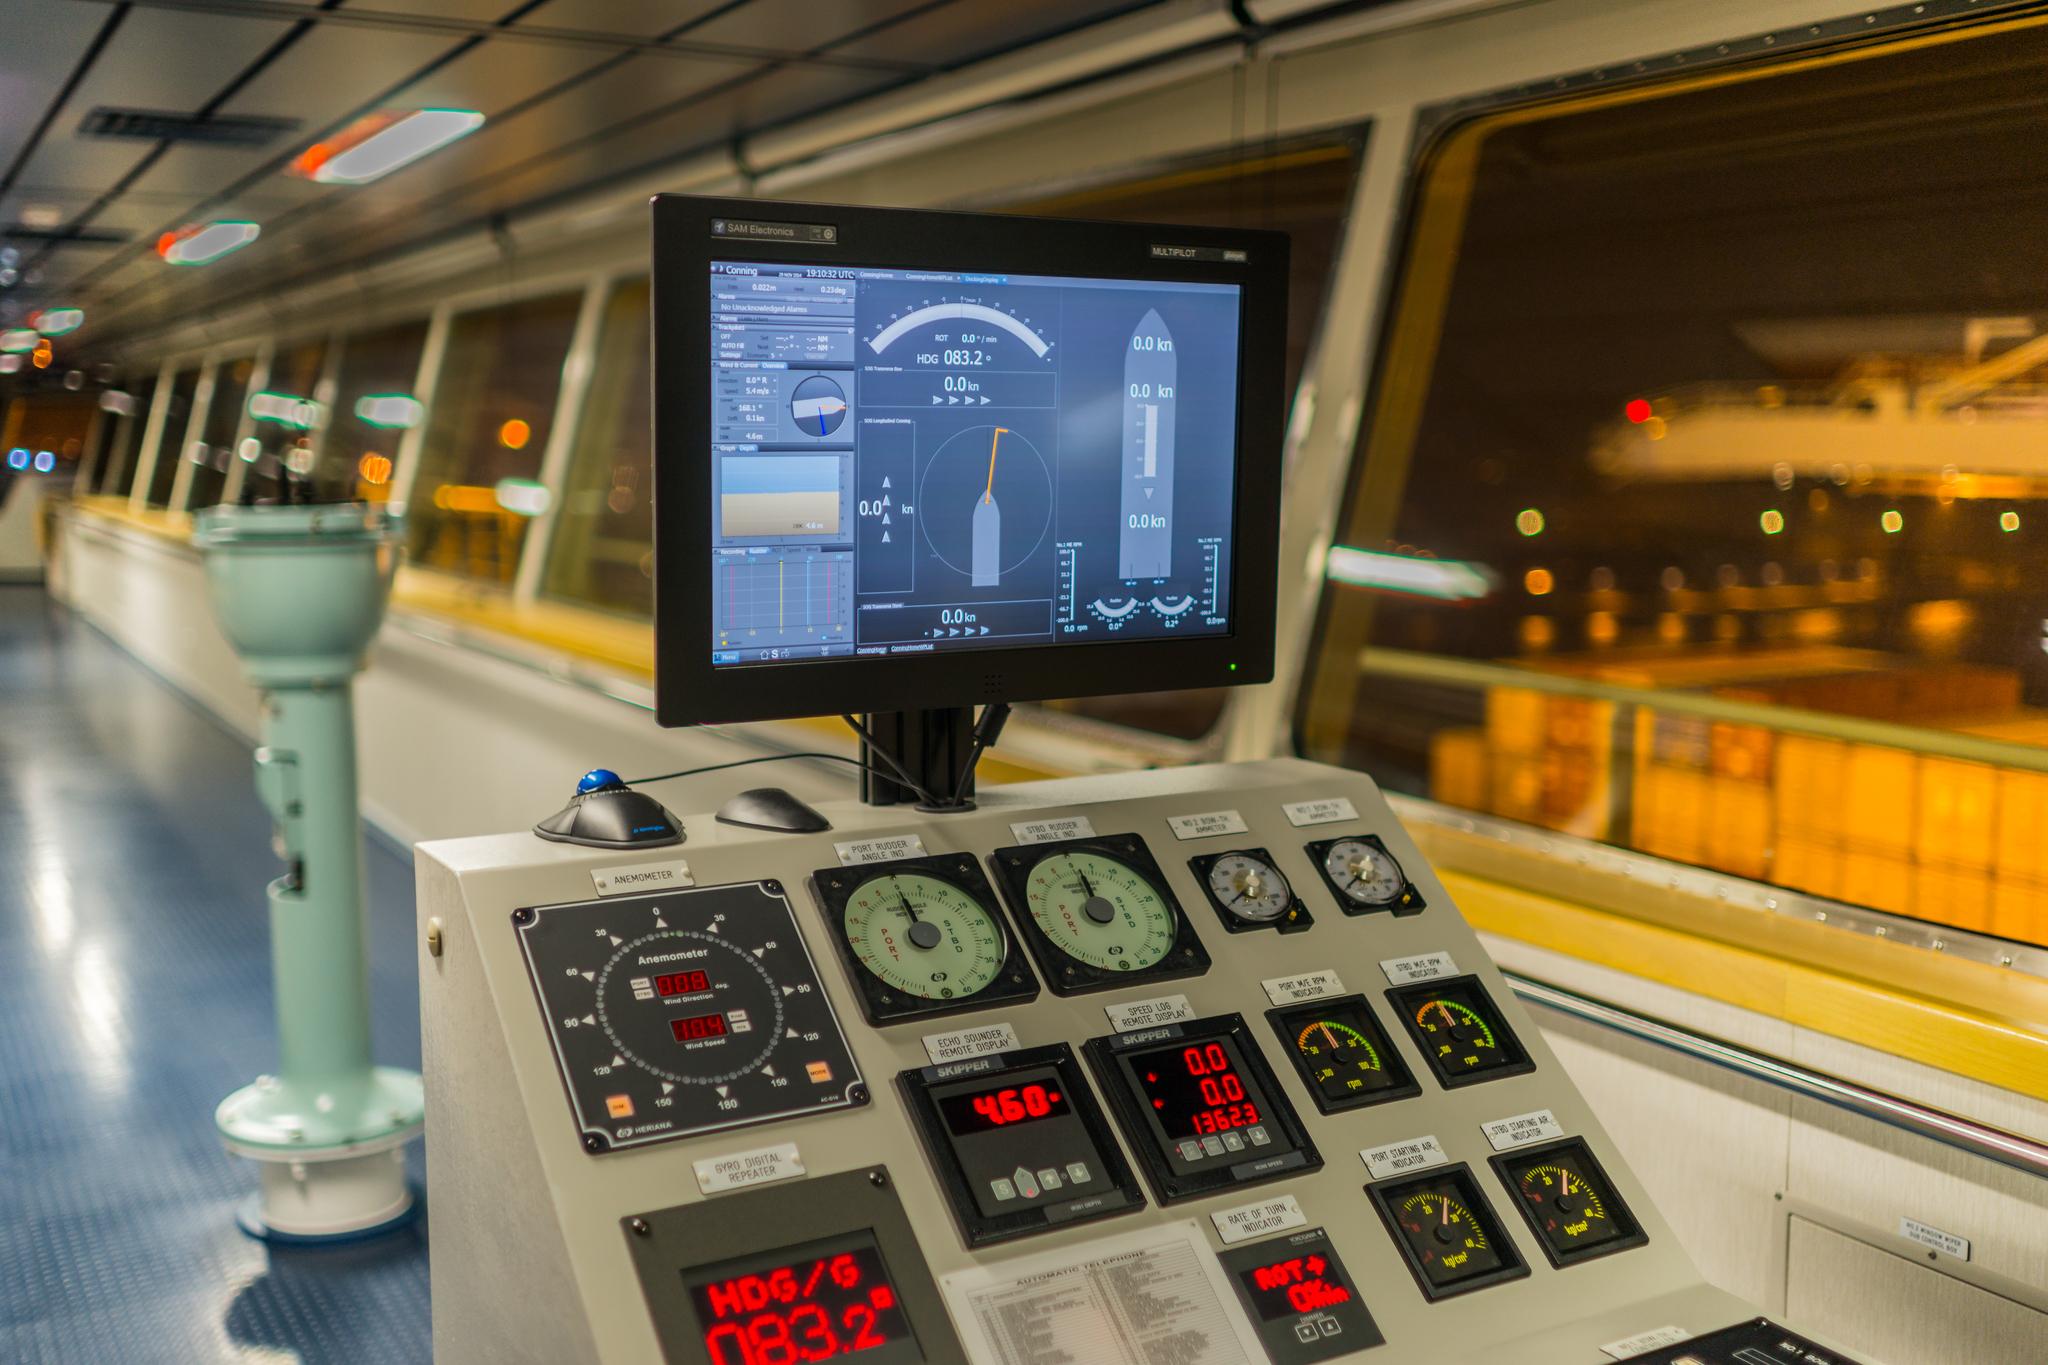 Pomocnicza konsola nawigacyjna na mostku Mayview Maersk (fot. Robert Urban